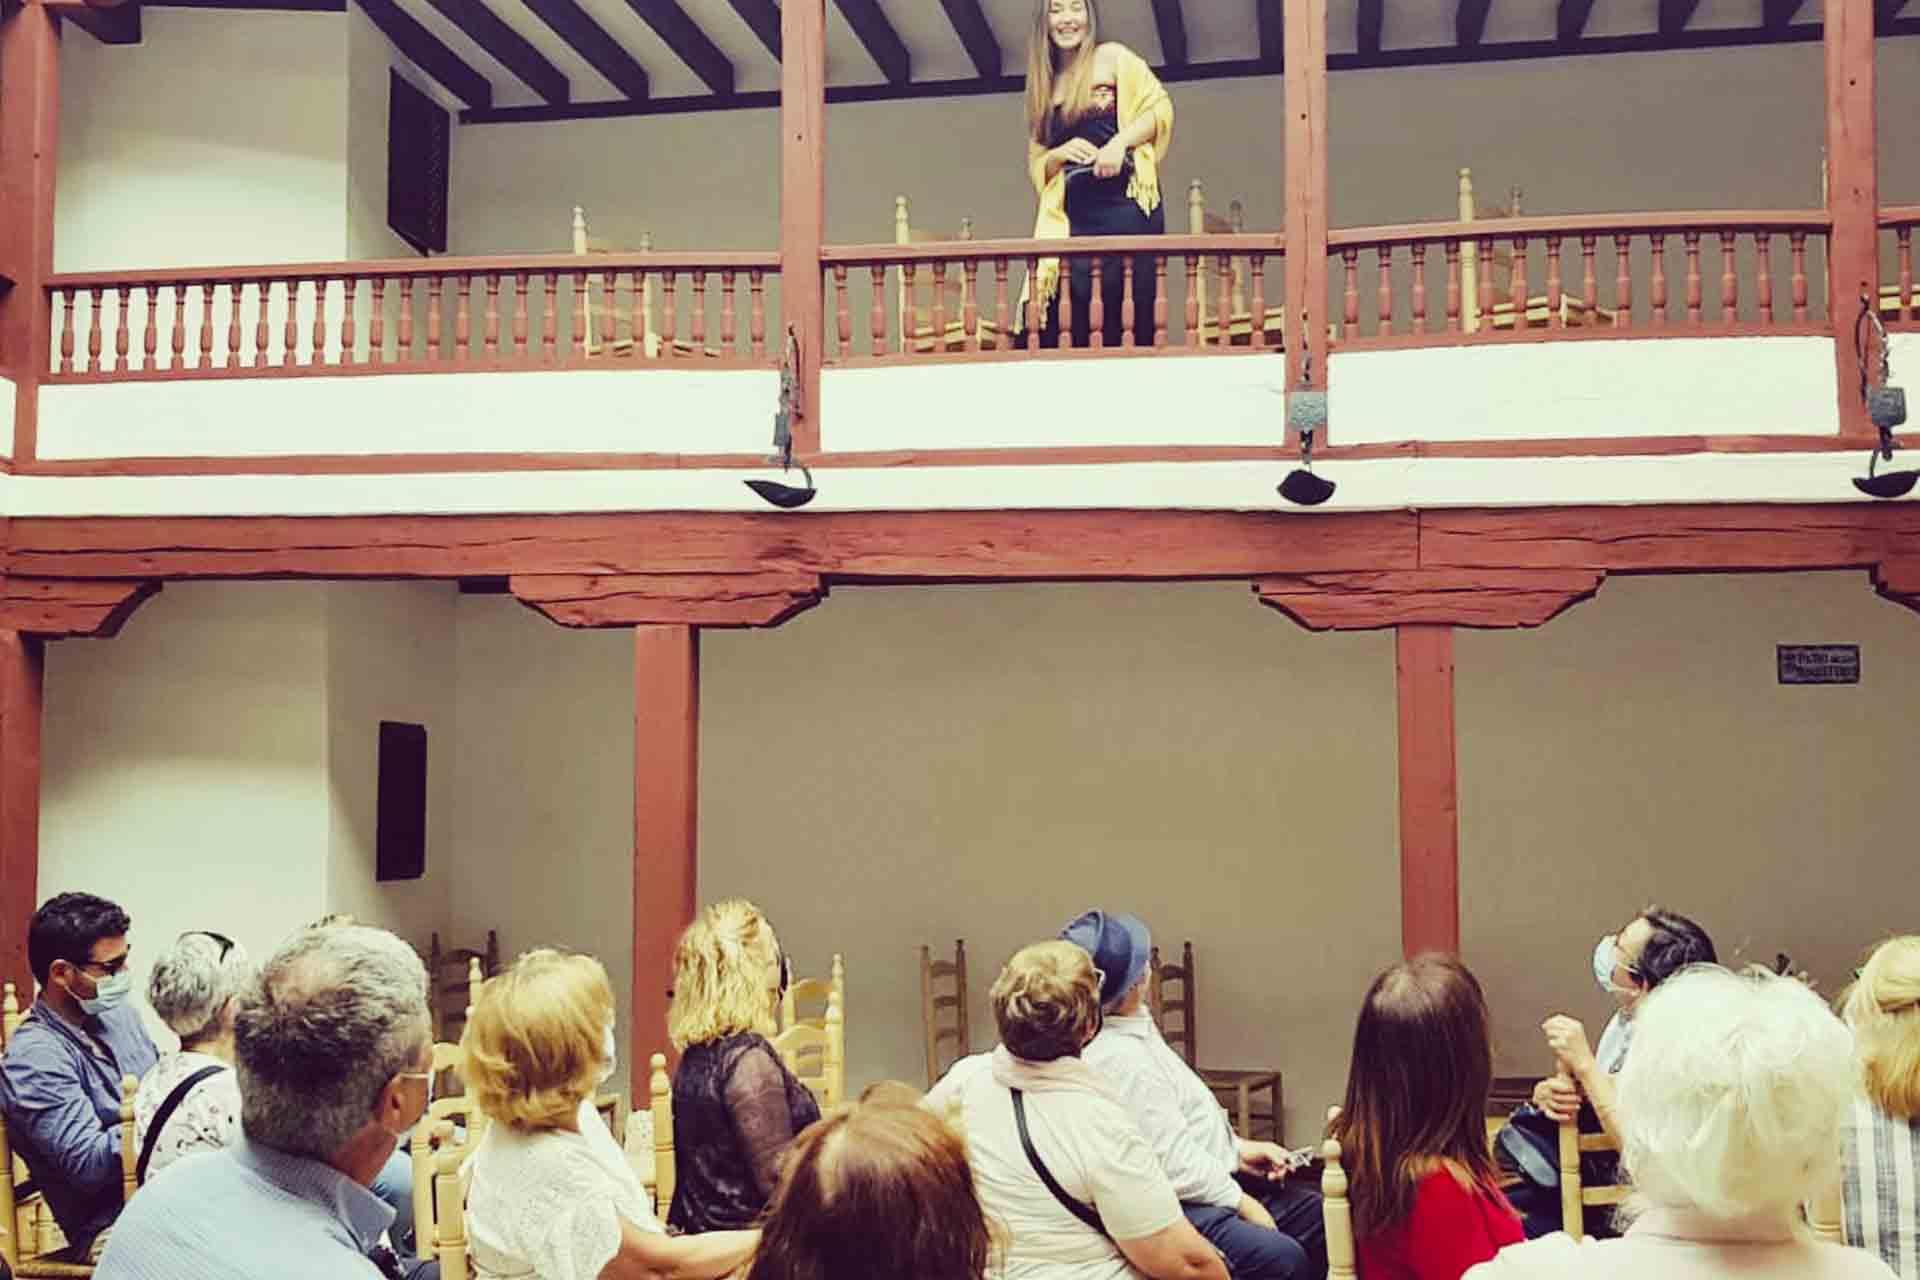 Descubre los espacios del Festival de Almagro con el Tour Almagro de Globalcaja